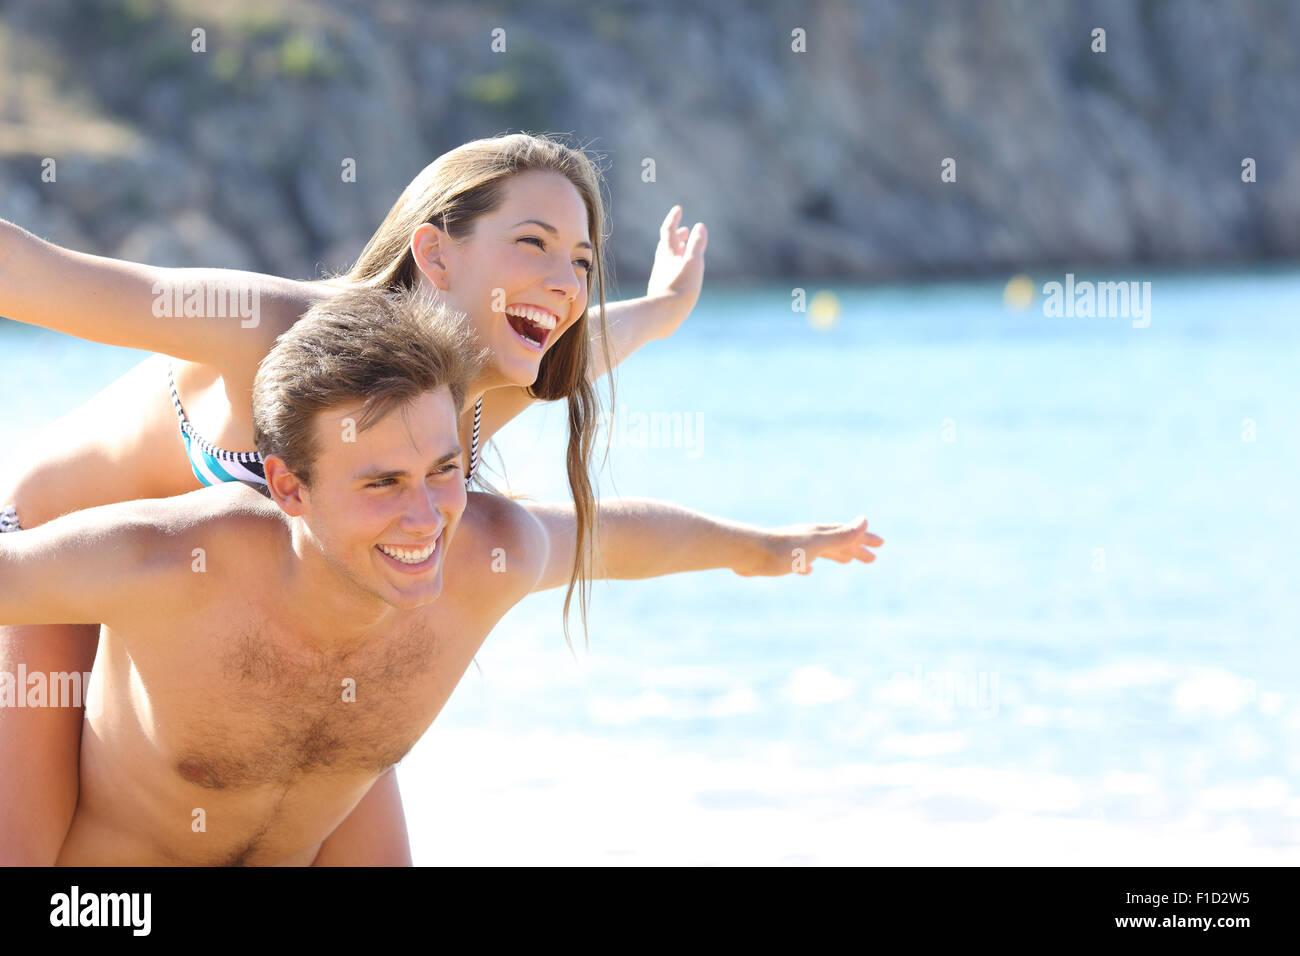 Romantisches Brautpaar am Strand spielen, in den Sommerferien Stockbild